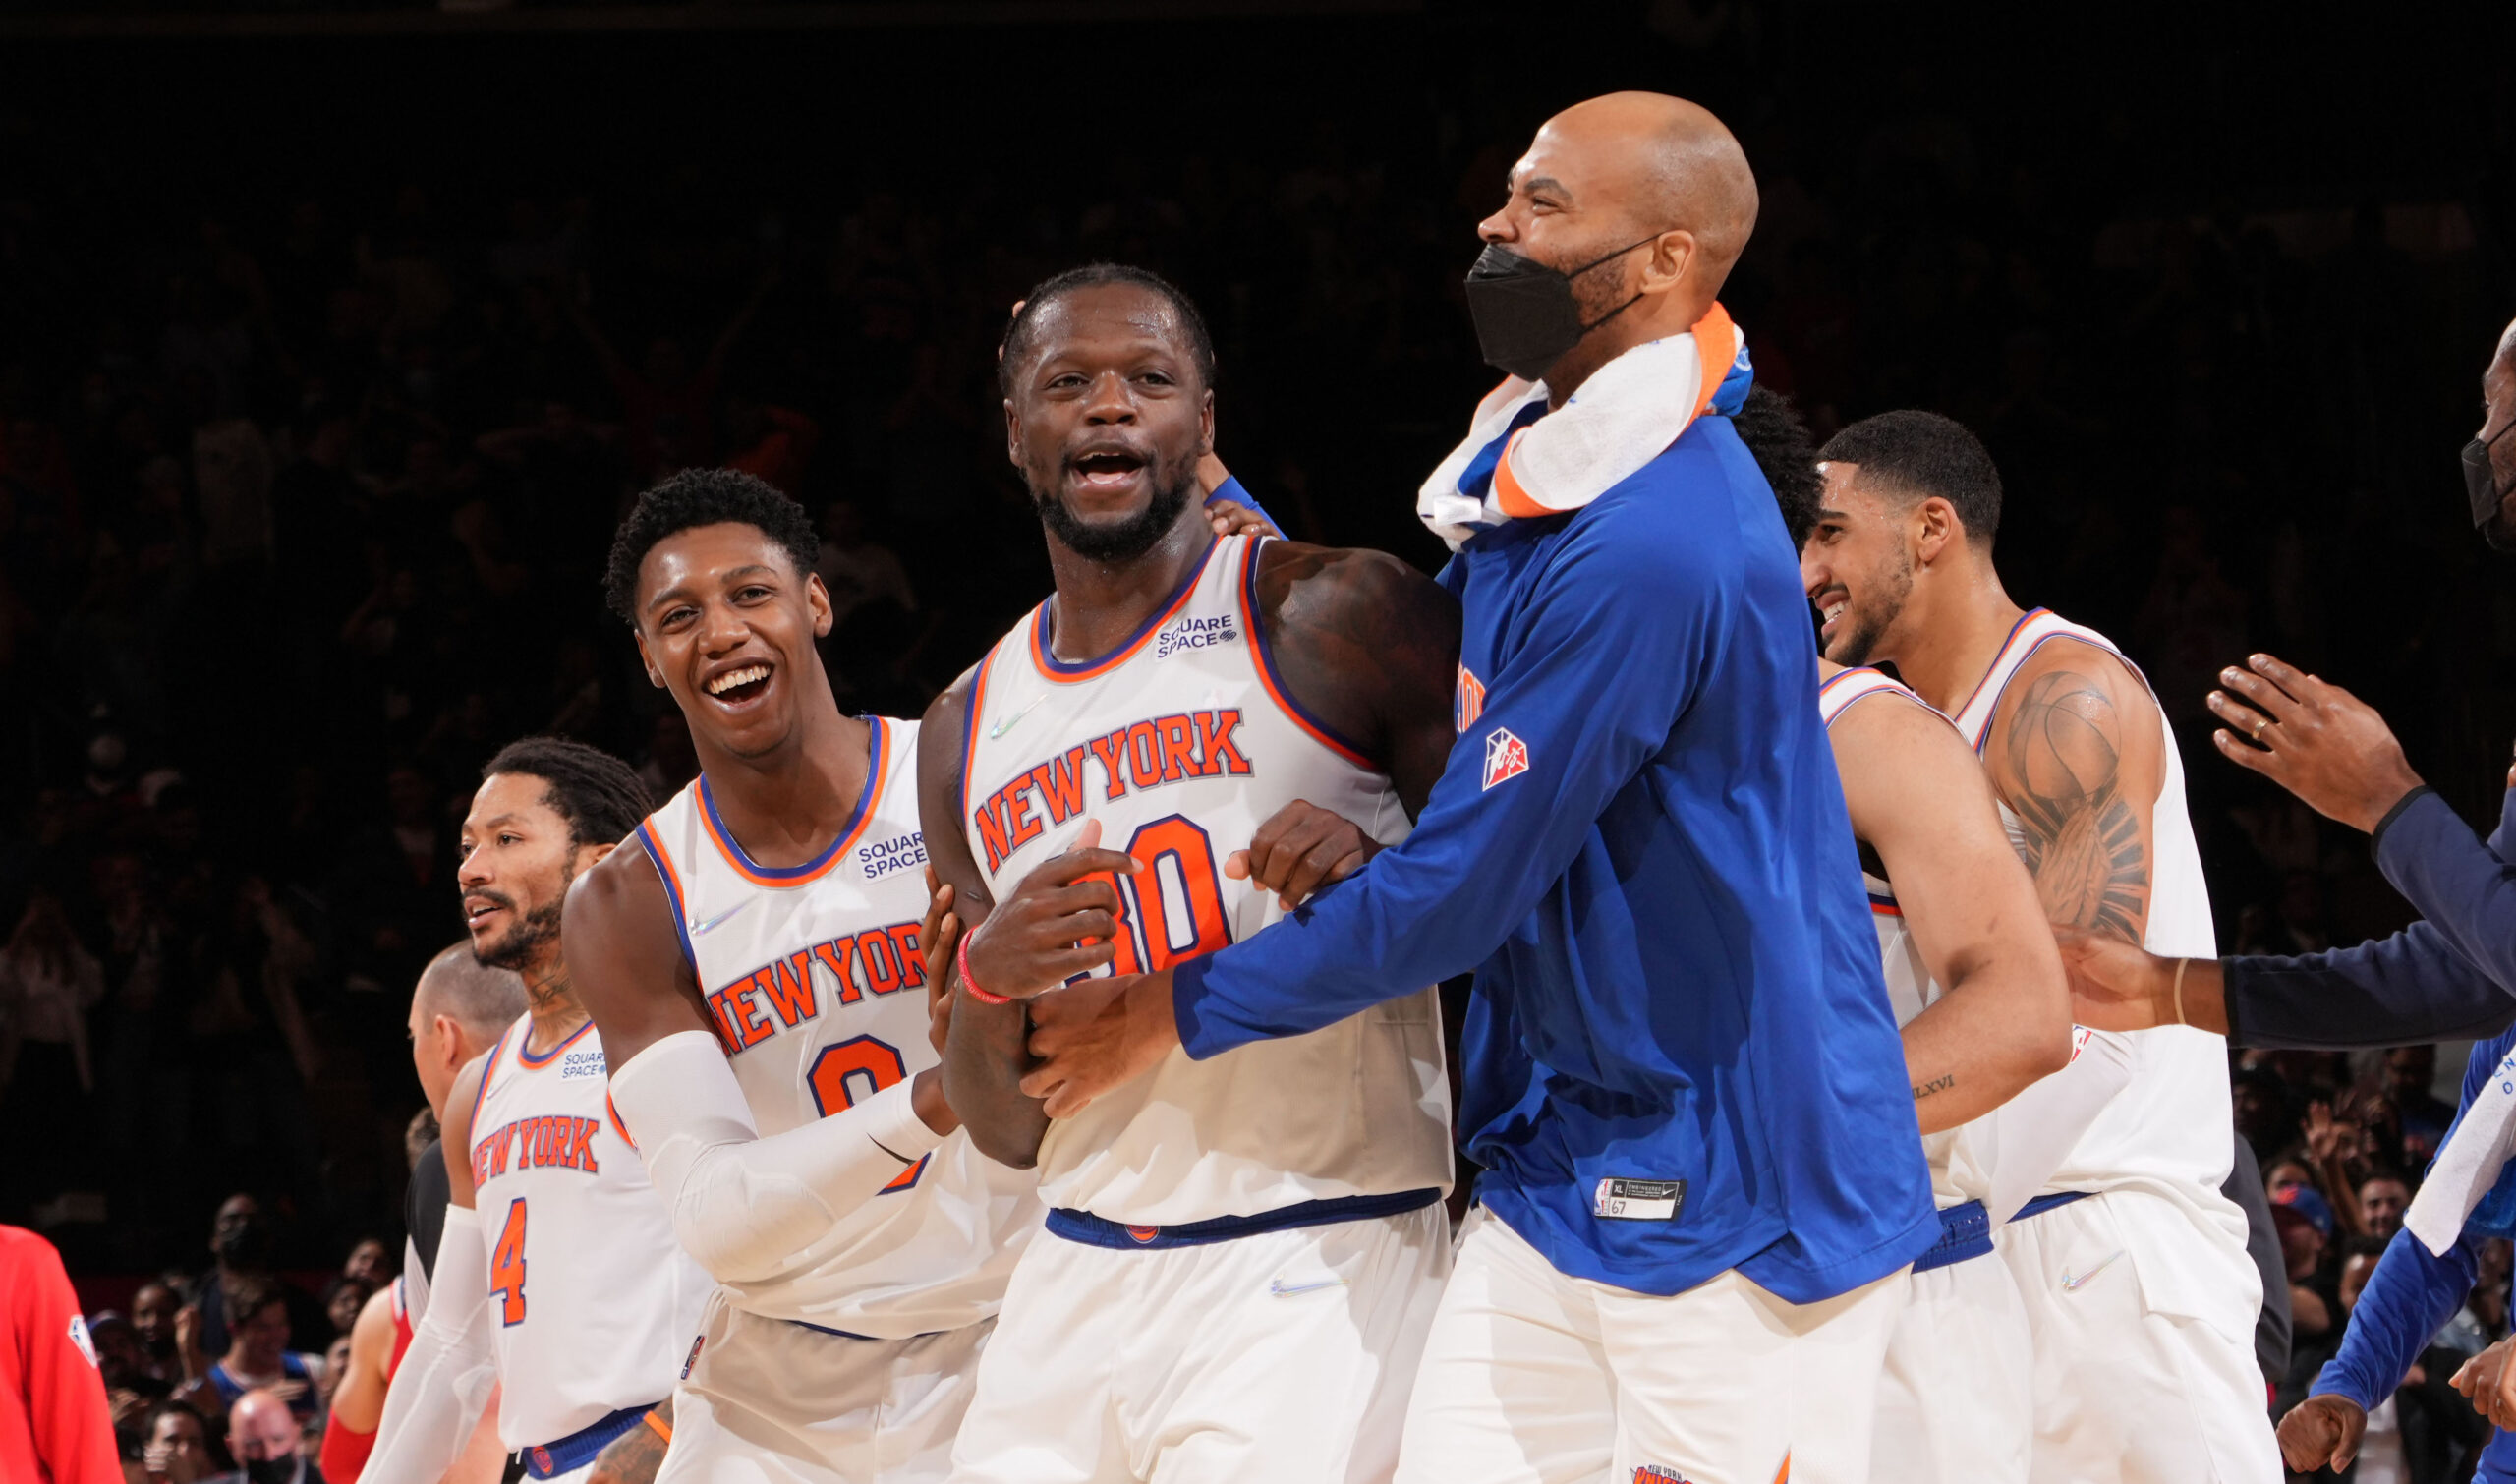 Randle's game-winner keeps Knicks preseason perfect